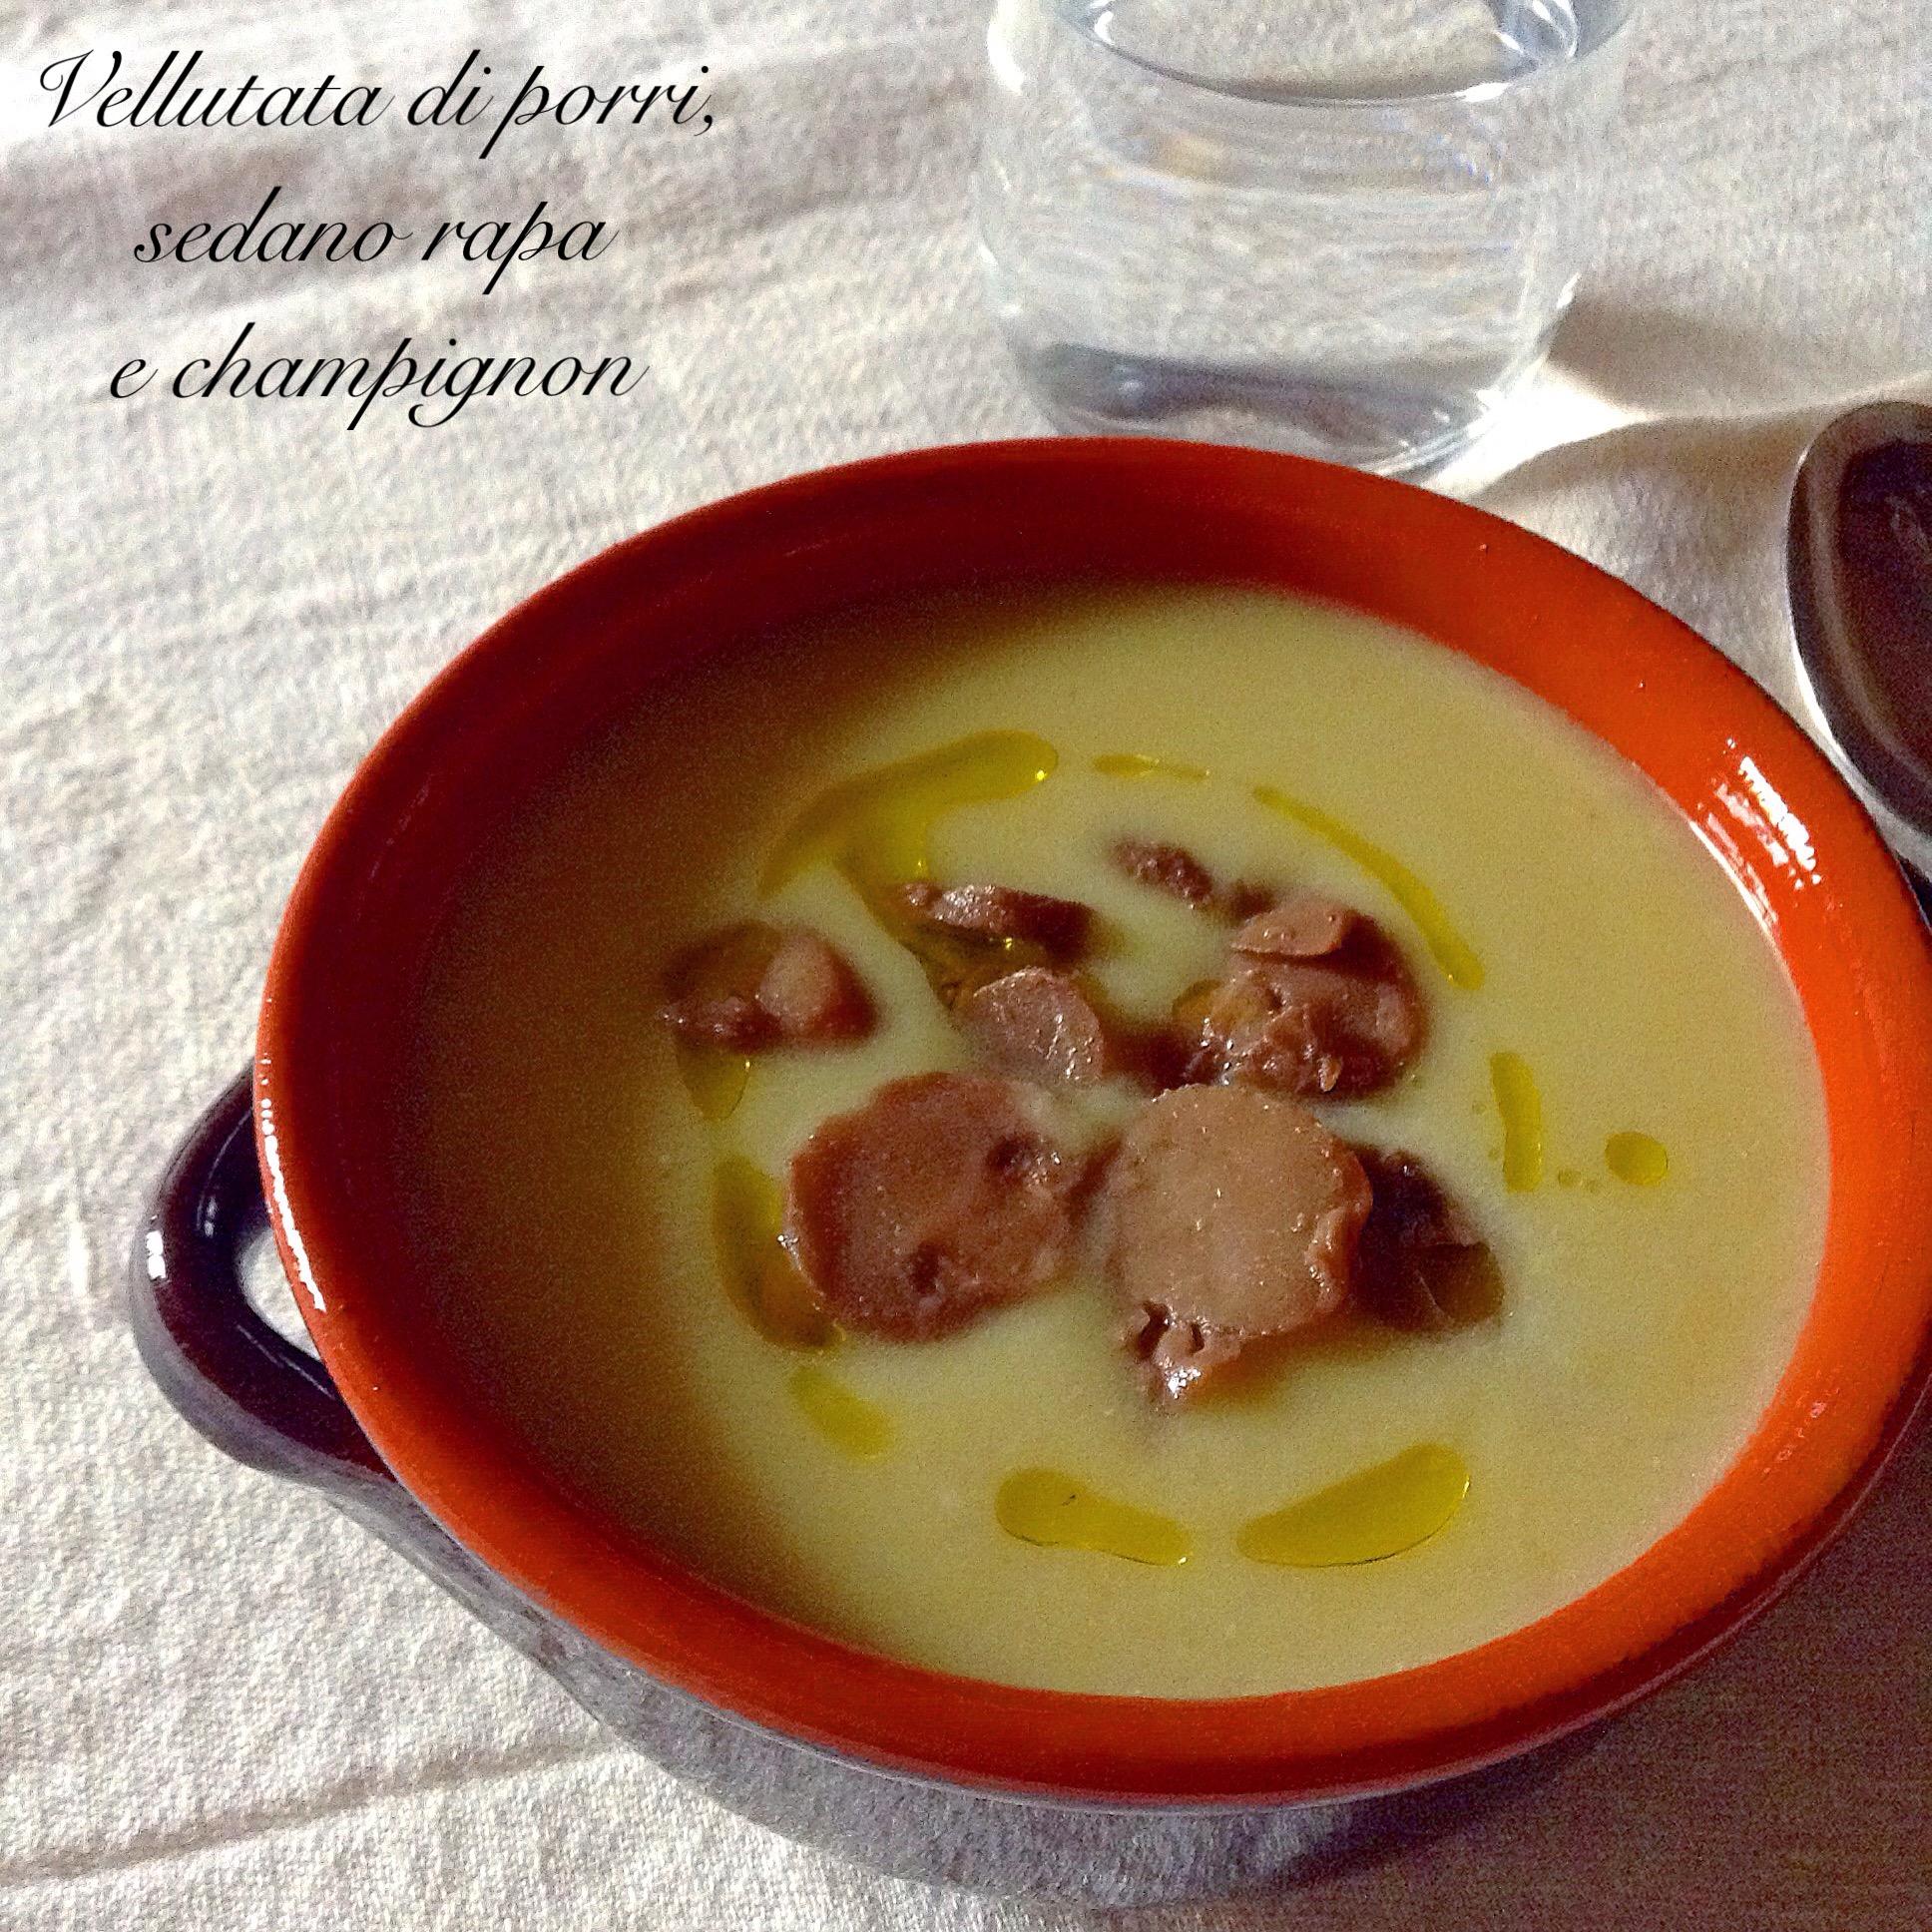 vellutata-di-porrisedano-rapa-e-champignon